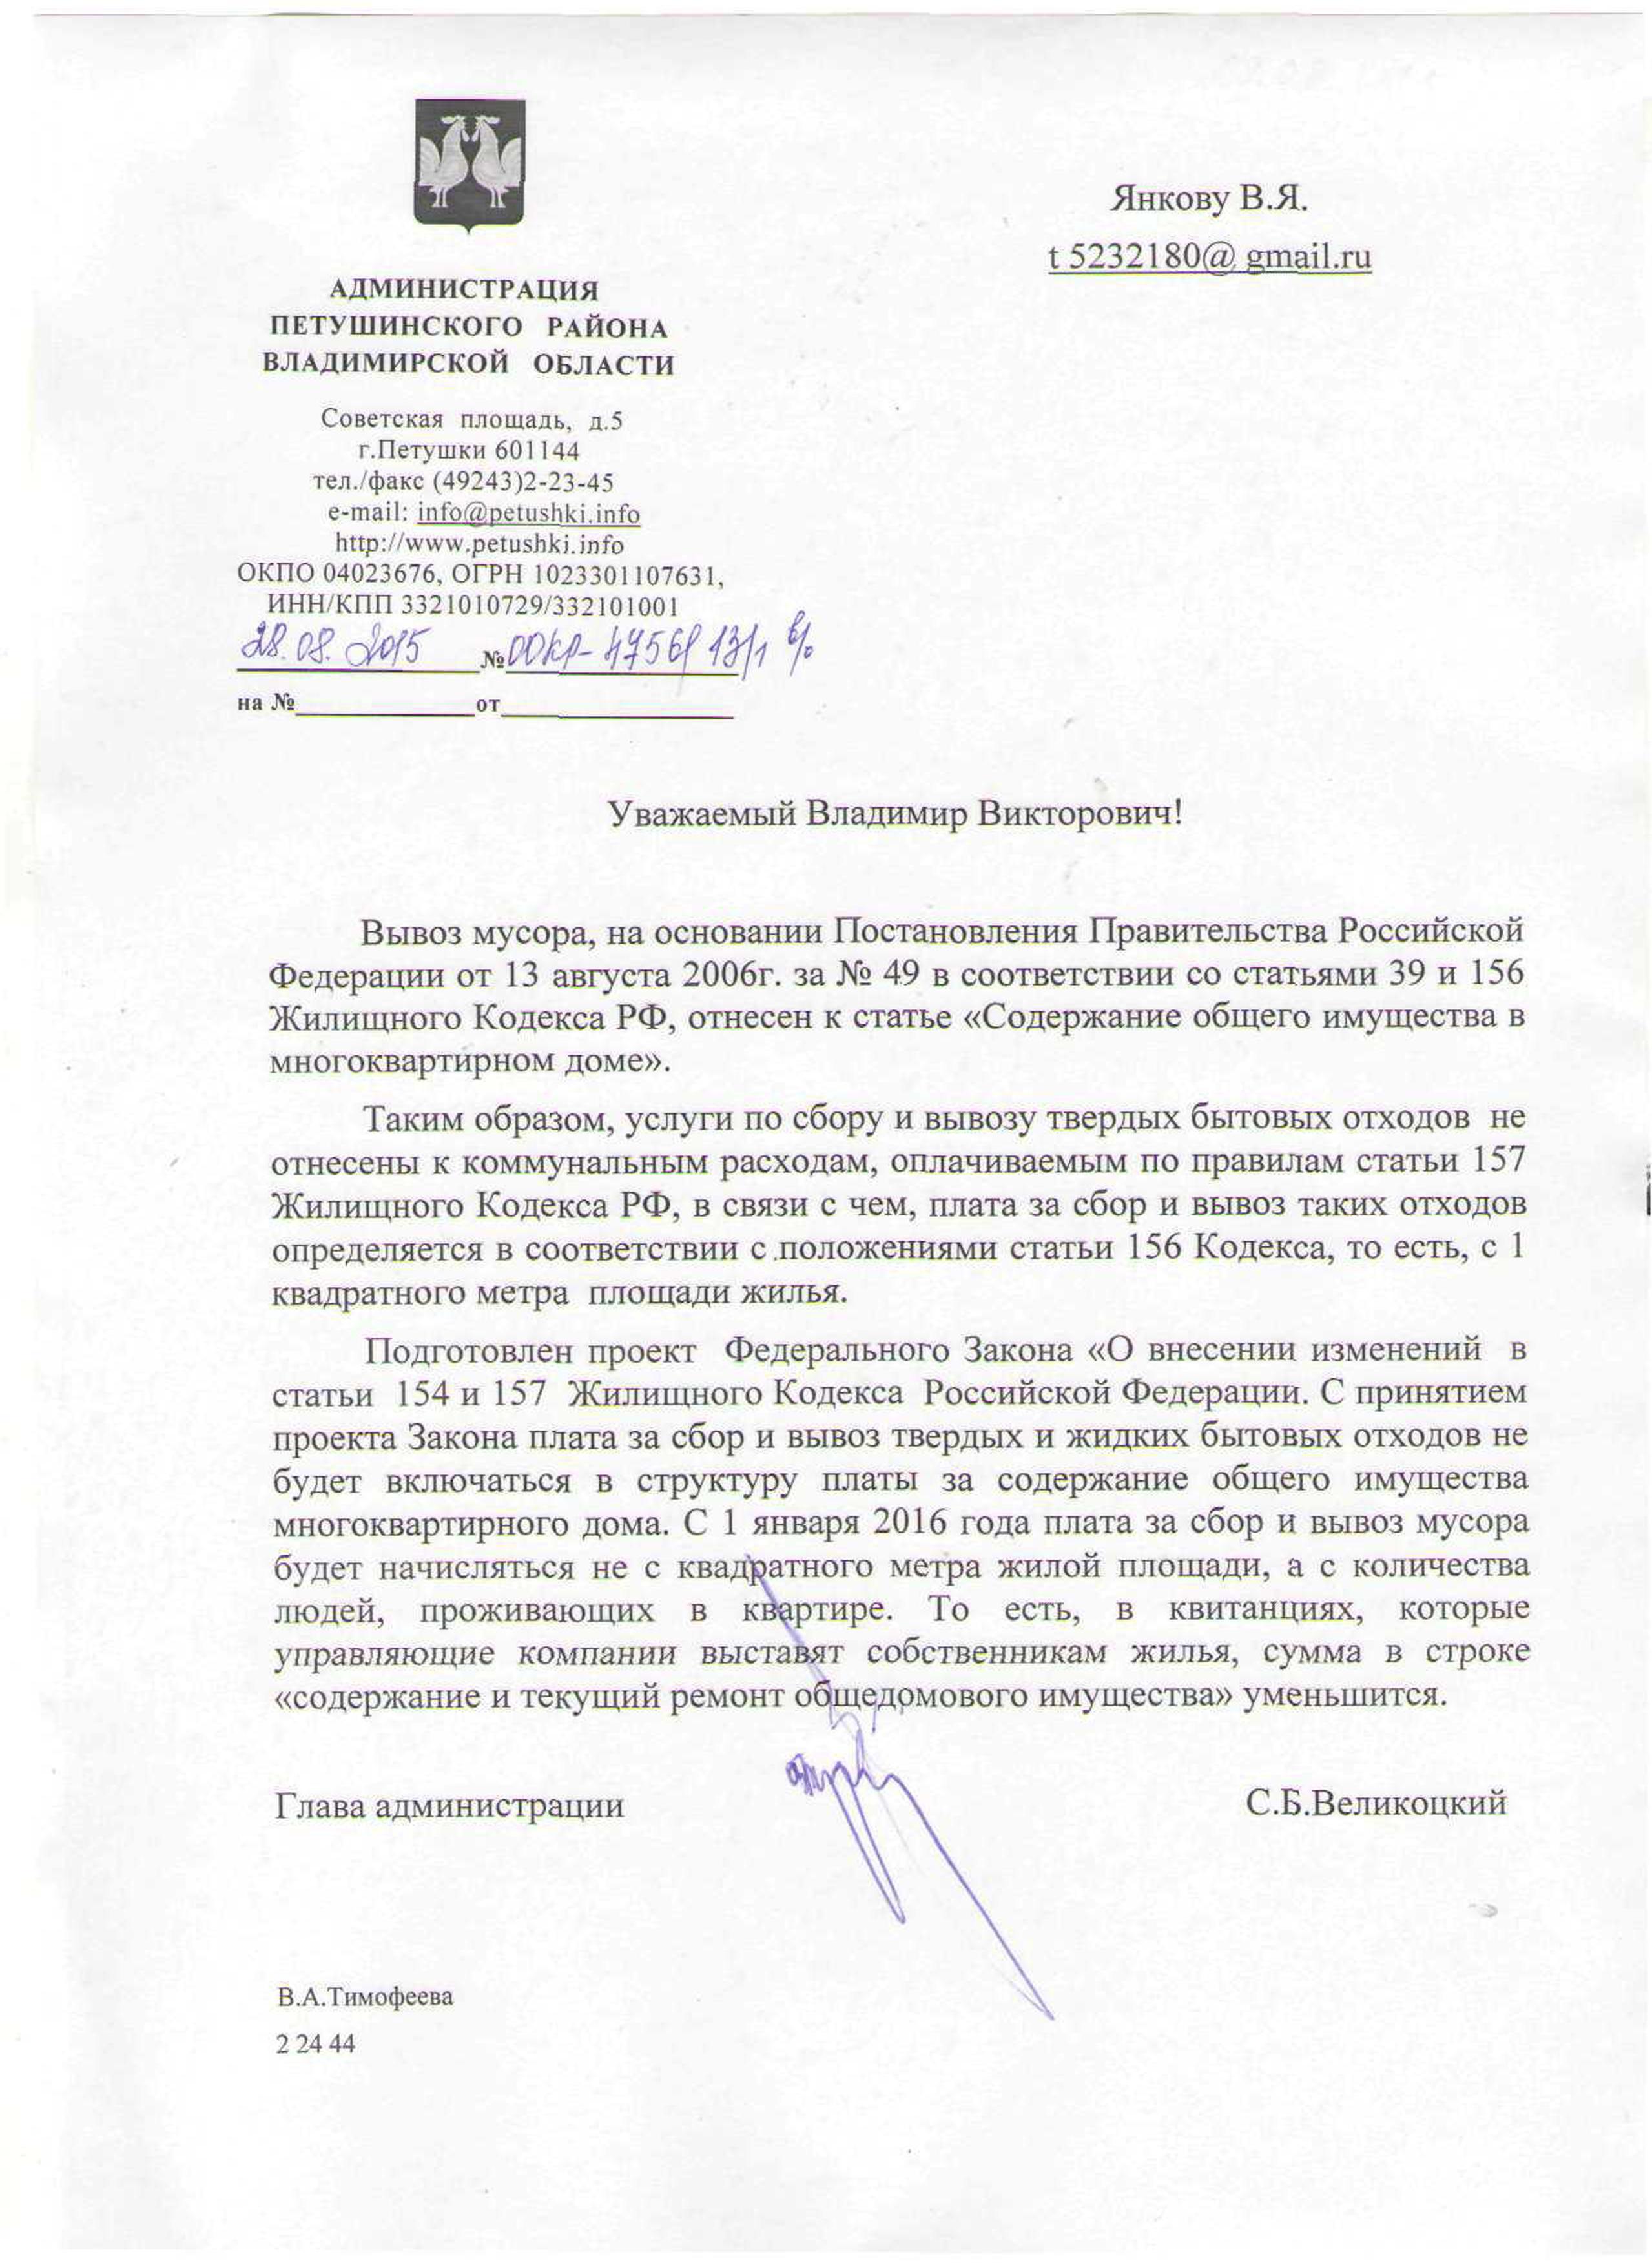 http://vopros-otvet.petushki.info/img/yankov.jpg